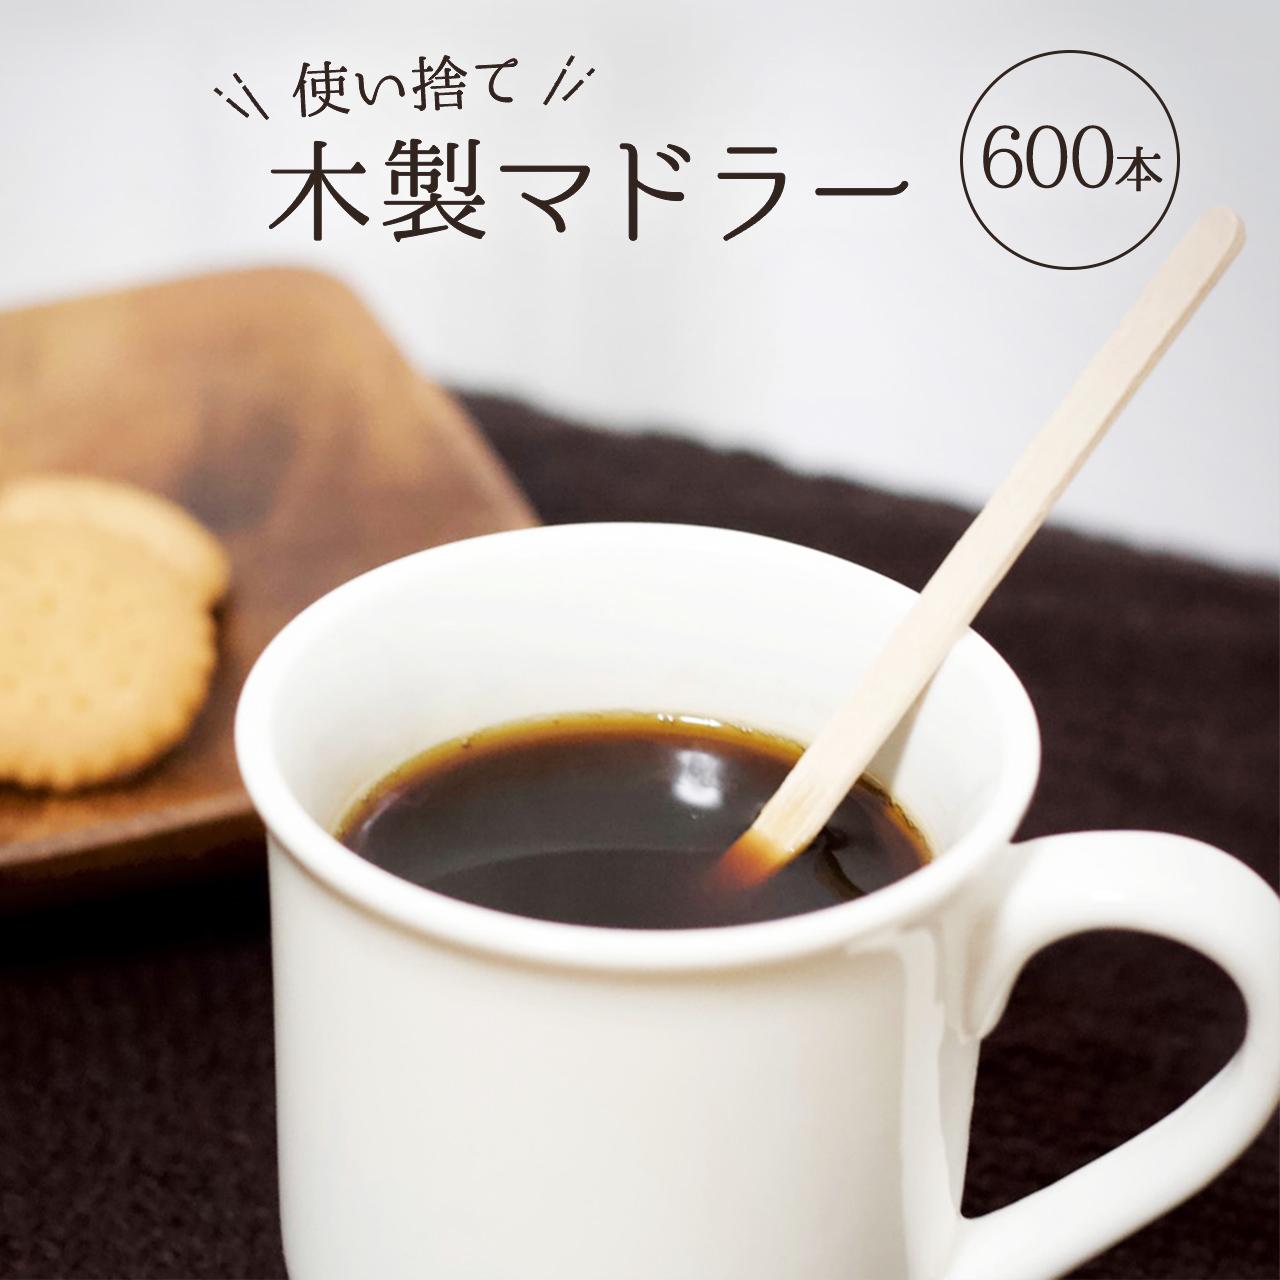 業務用600本入 木製 コーヒー マドラー お求めやすく価格改定 使い捨て 14cm 600本 セット コーヒーマドラー ウッドマドラー 業務用 数量限定 スティック ティースティッ 木